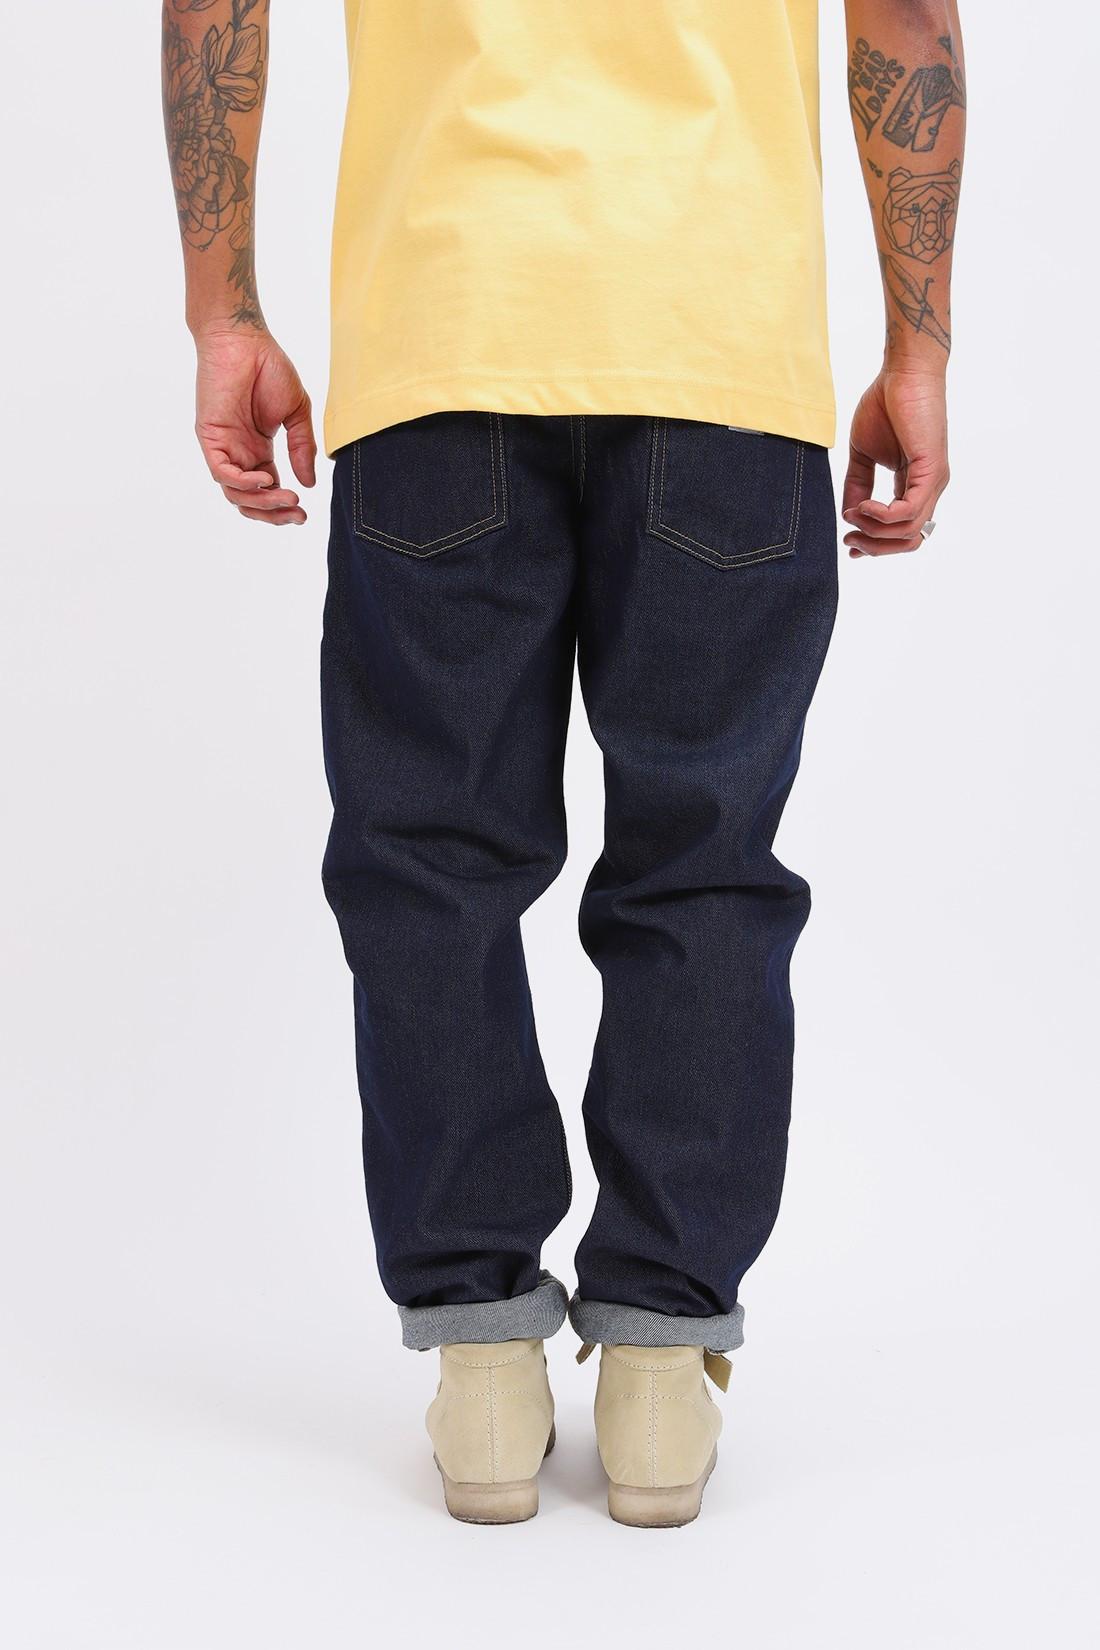 CARHARTT WIP / Newel pant Blue rinsed